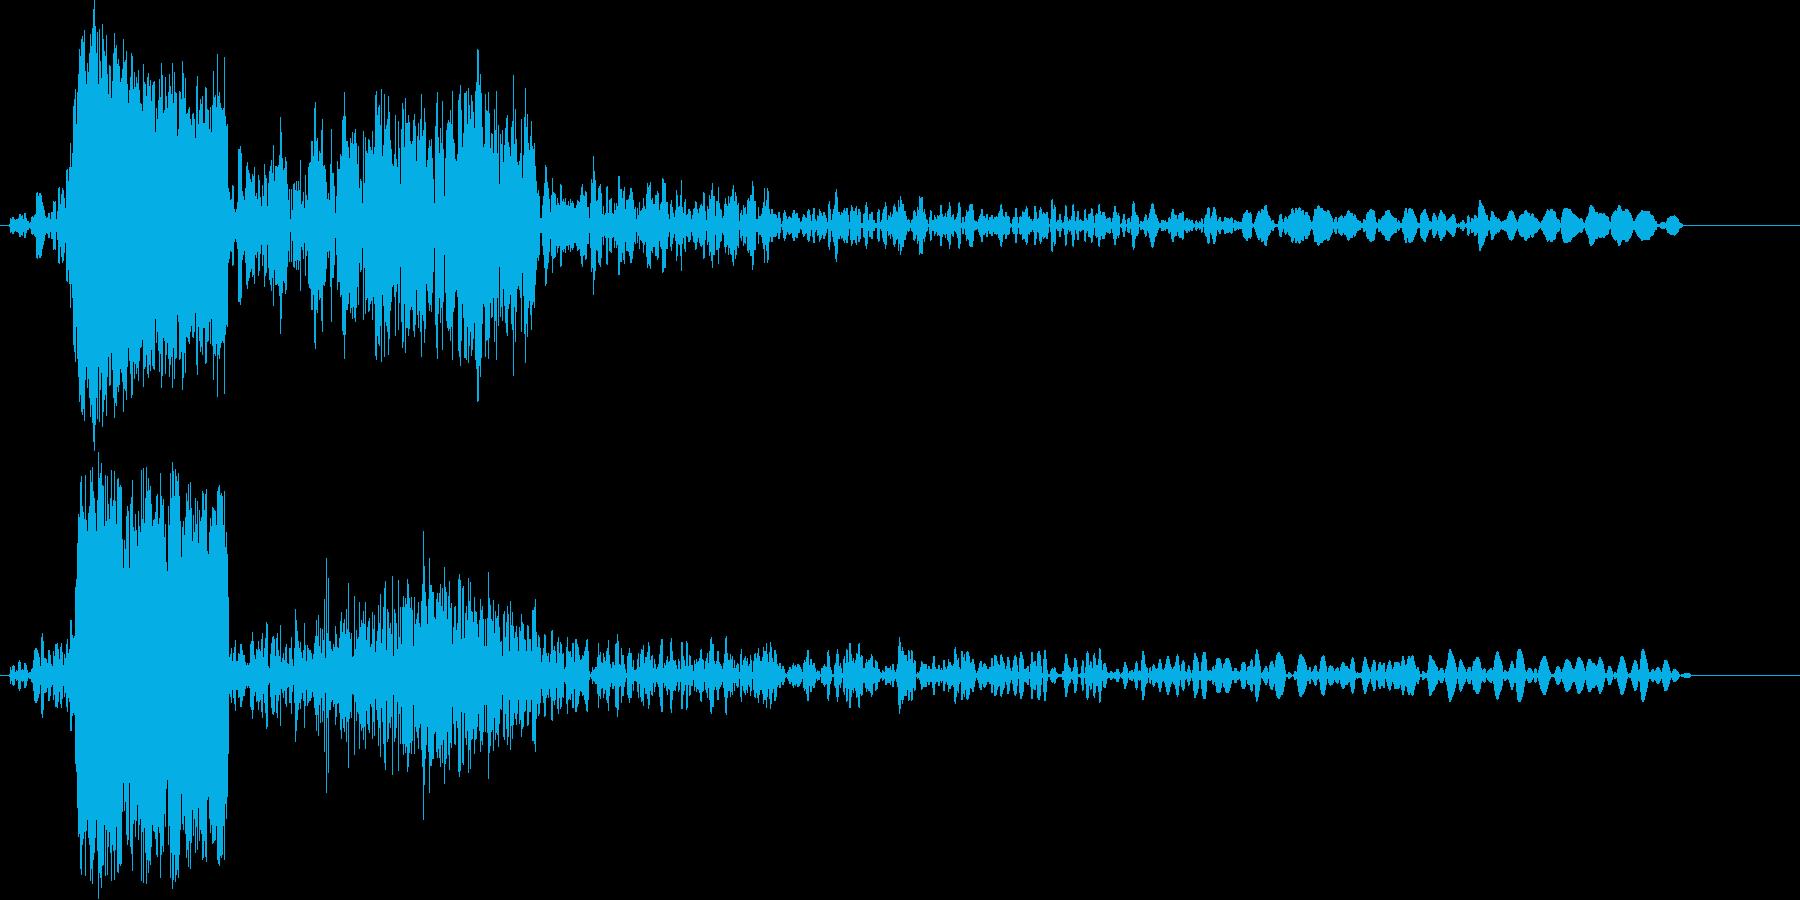 ギーグァーグオー (怪獣の鳴き声)の再生済みの波形